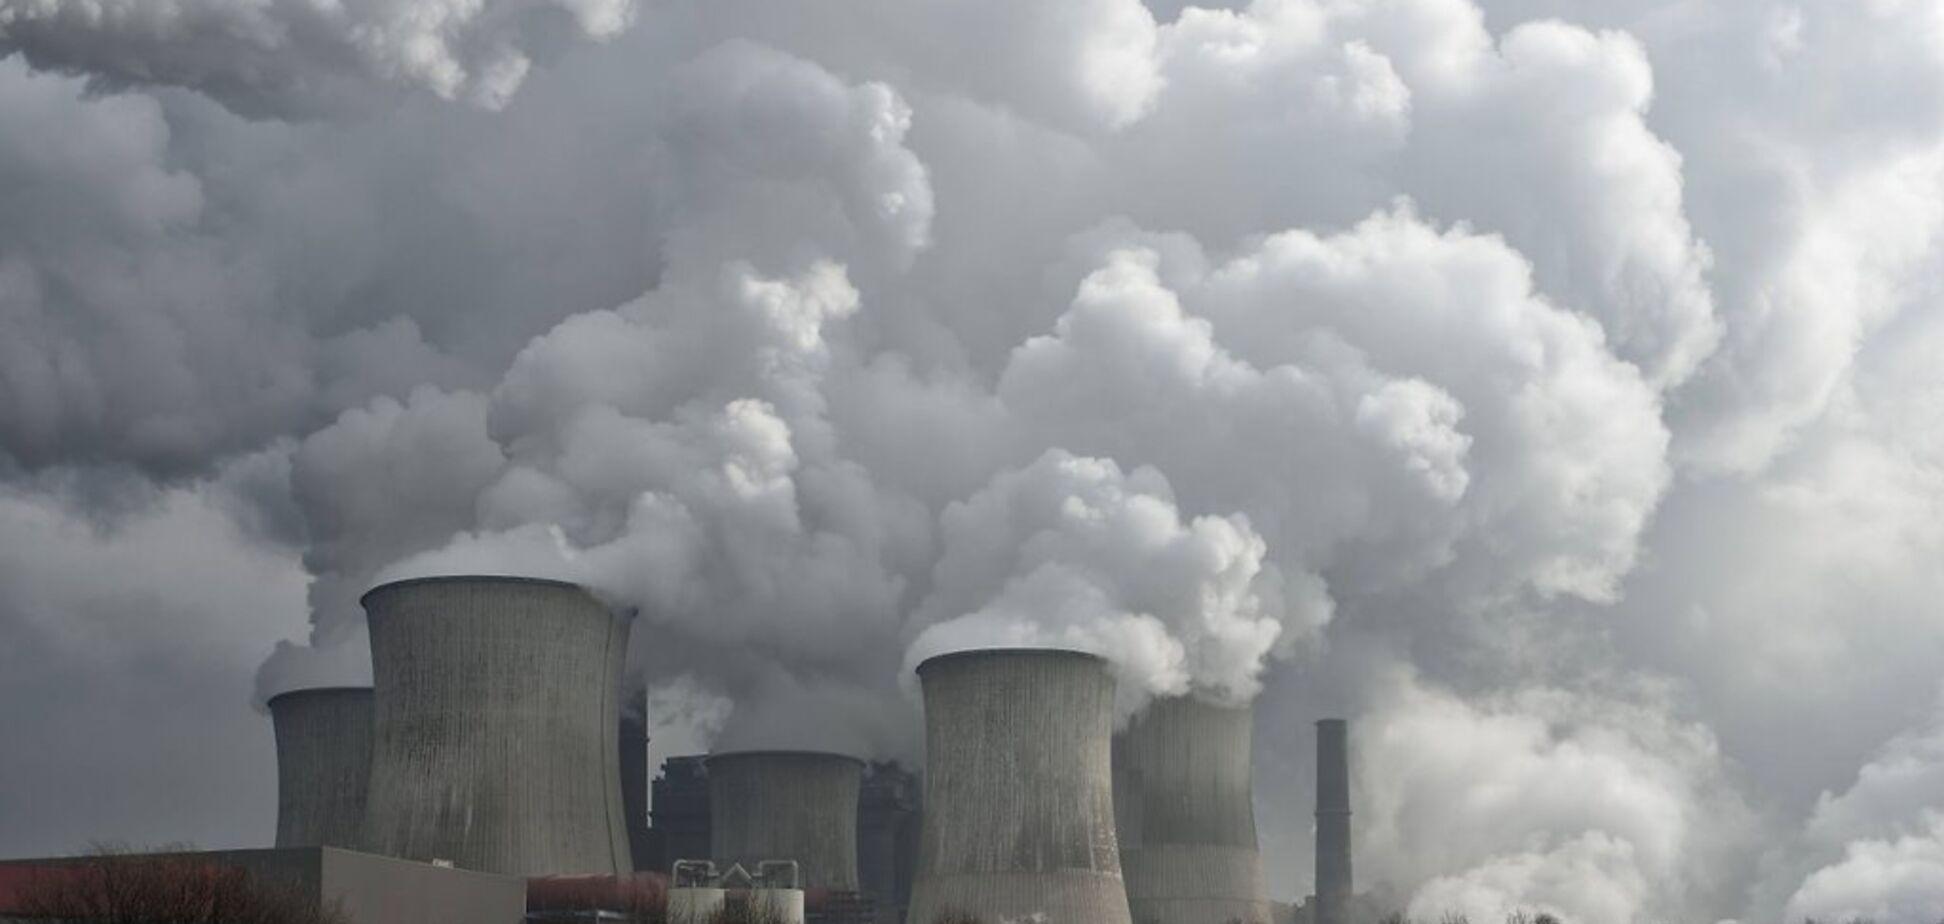 Ученые в Швеции создали сверхлегкий материал, который 'пожирает' вредные выбросы